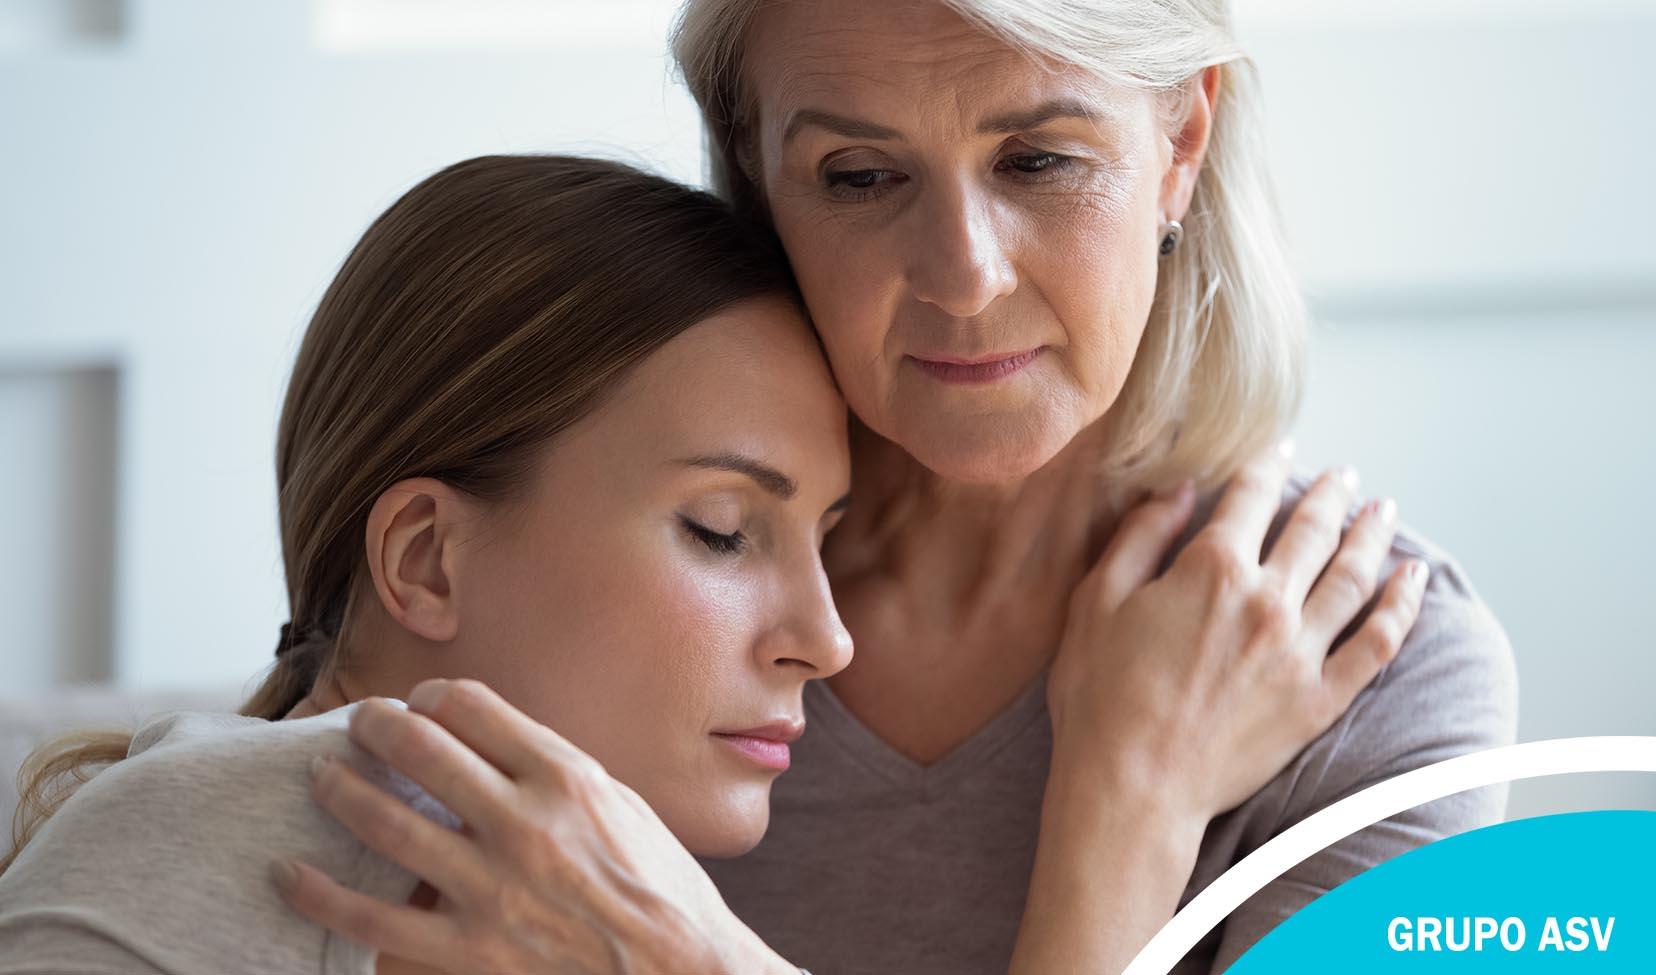 ¿Cómo podemos ayudar durante el duelo, incluso si no estamos presentes físicamente?